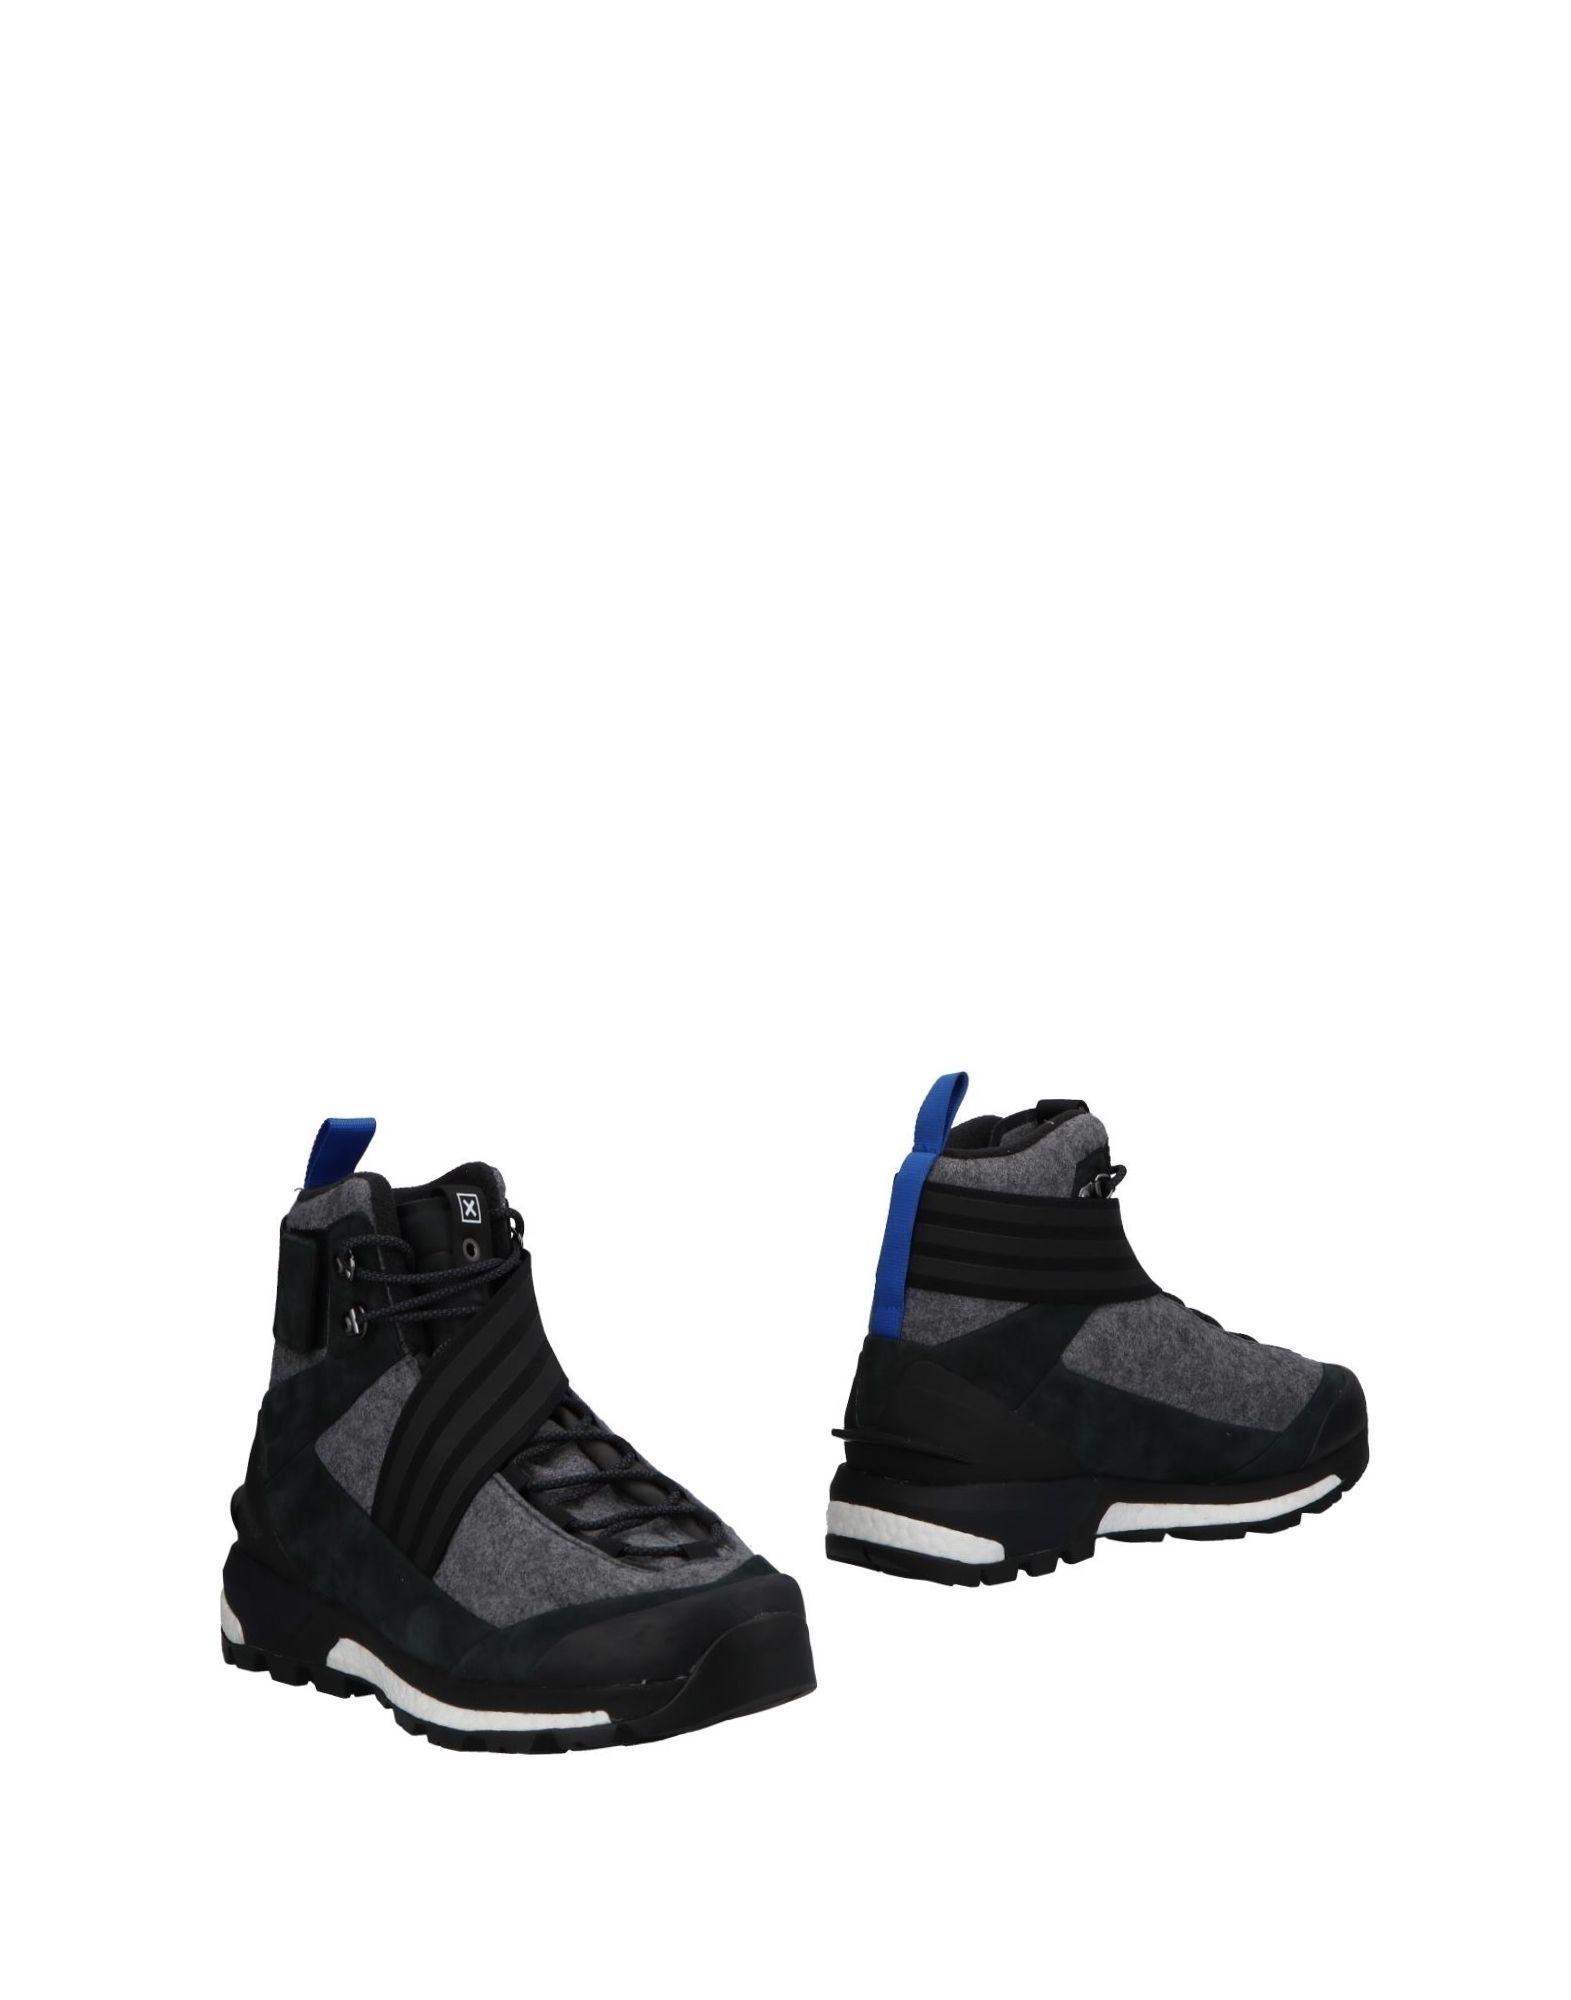 Heiße Adidas Stiefelette Herren  11494116OV Heiße  Schuhe 843a38